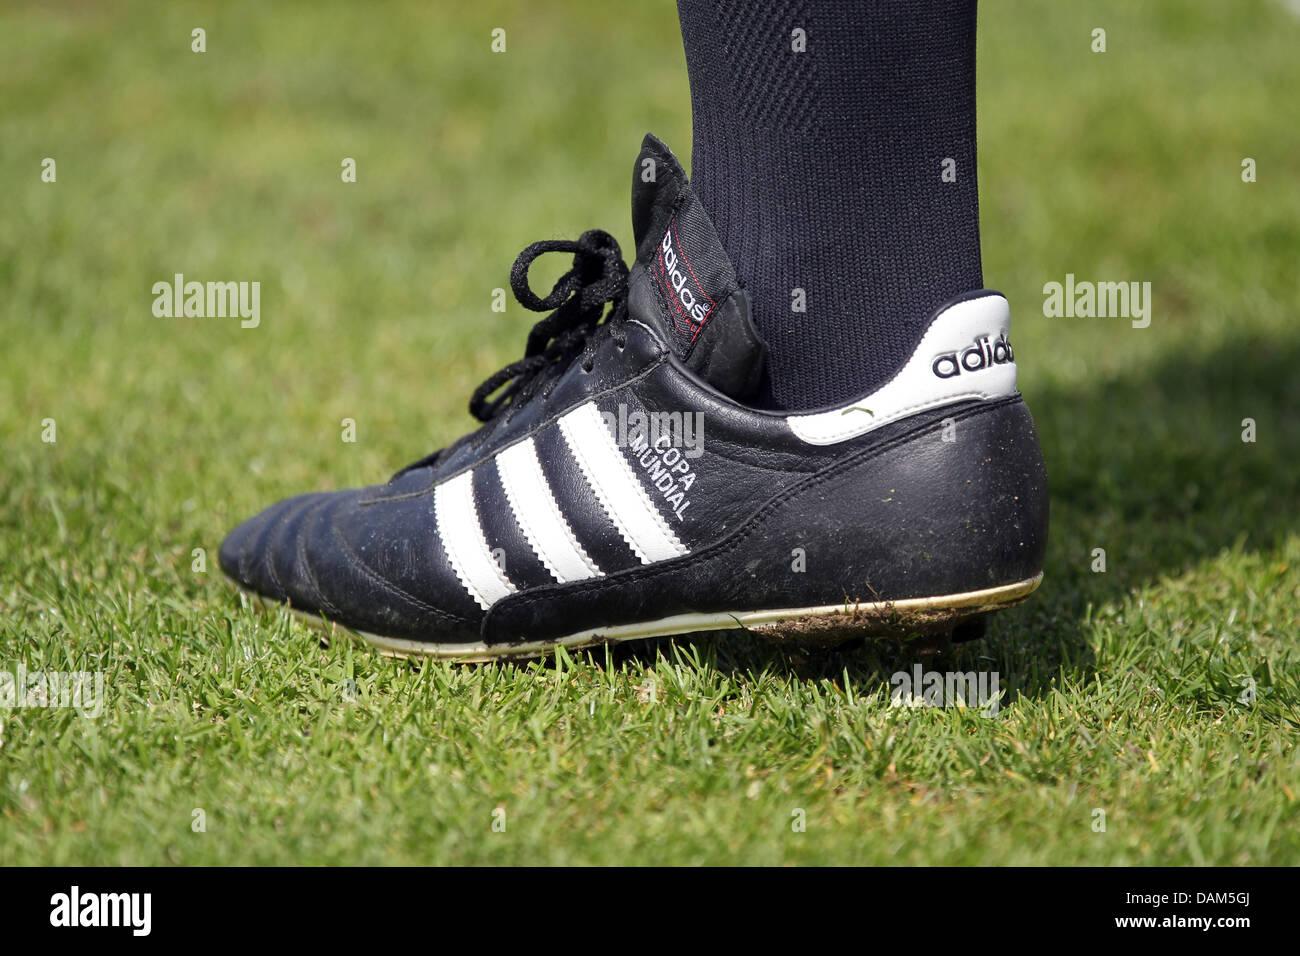 Ligne Juge De Copa Un Football Portant Modèle Chaussures yN8wm0vnOP